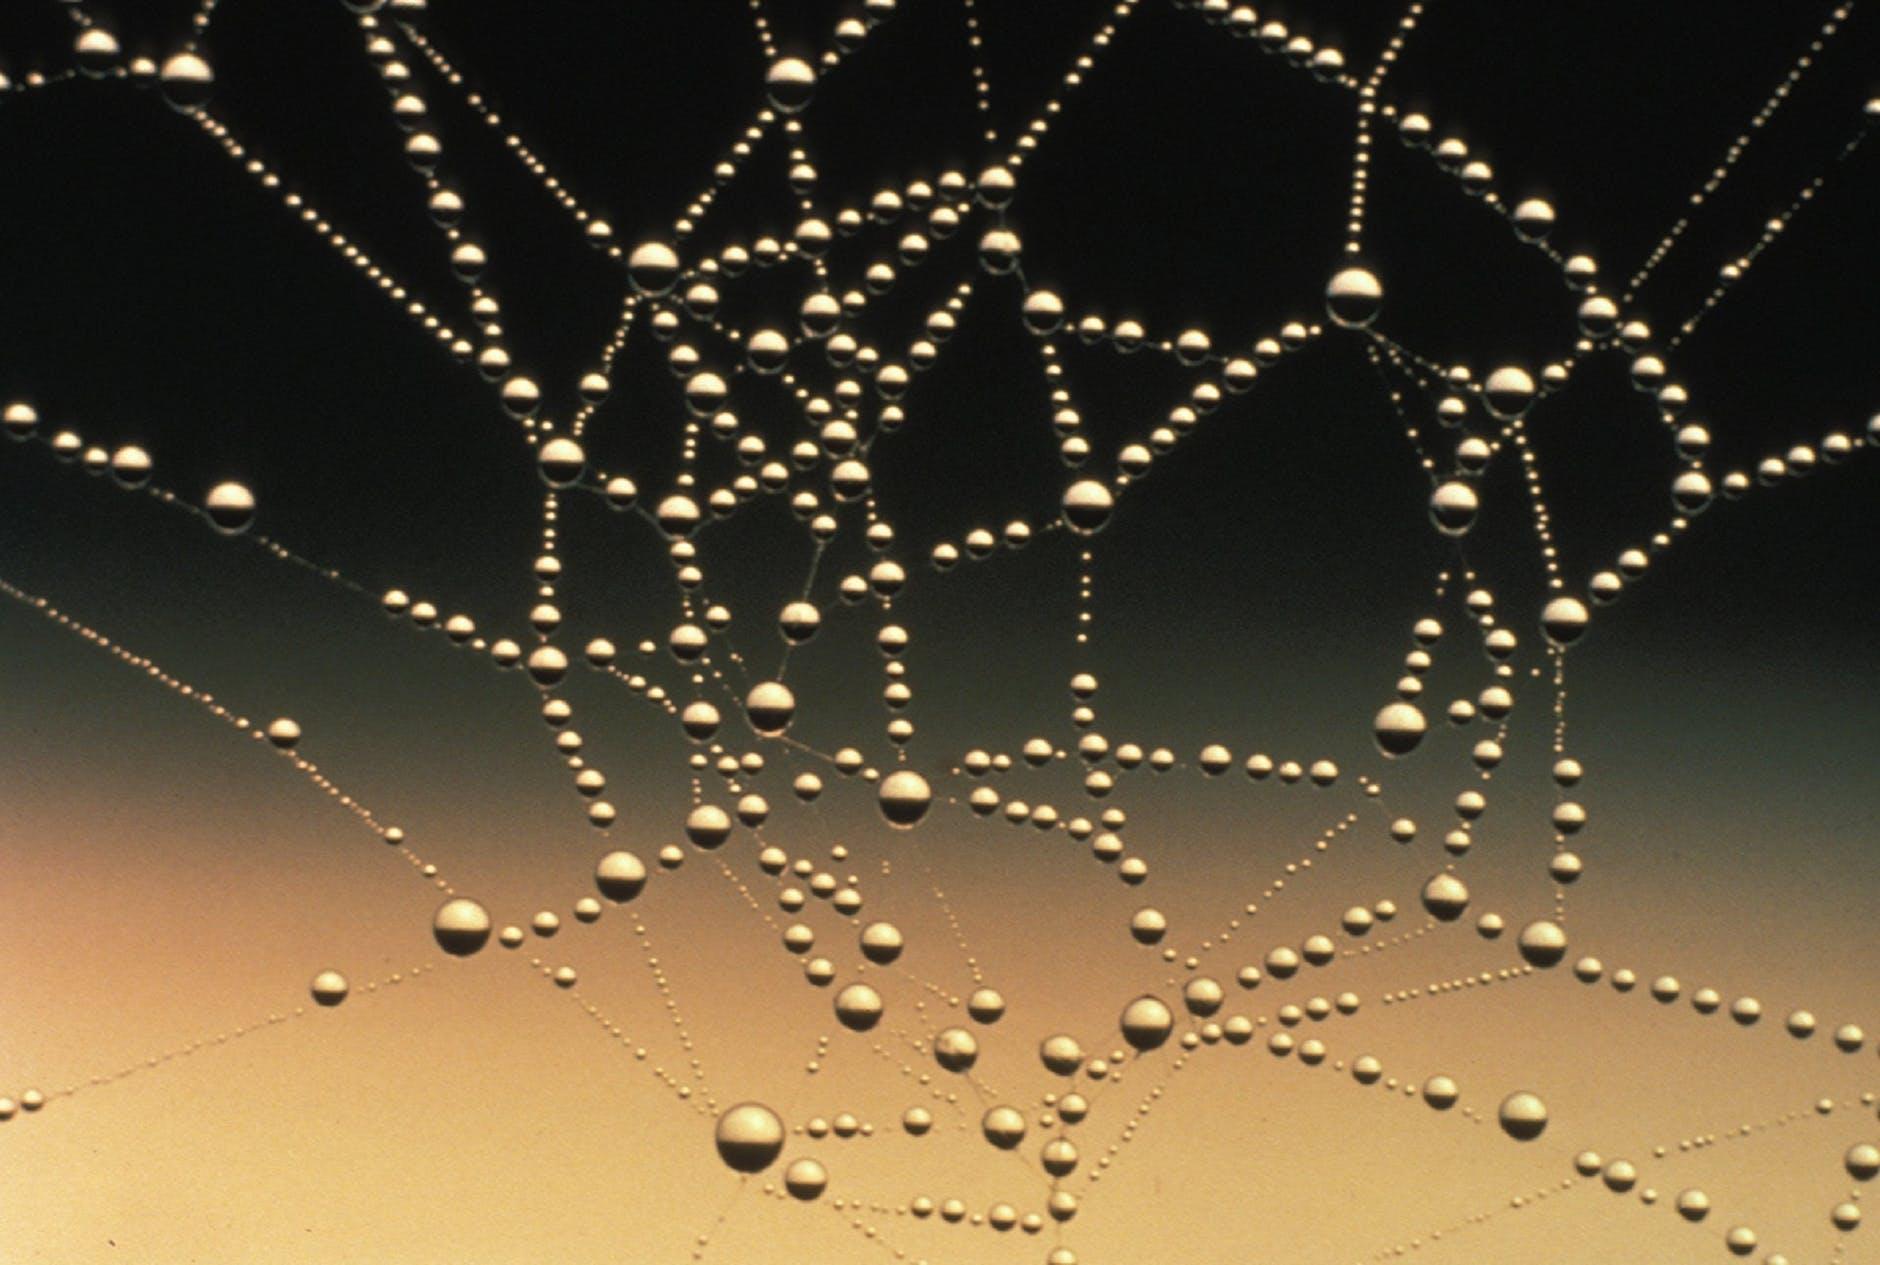 abstract close up cobweb connection